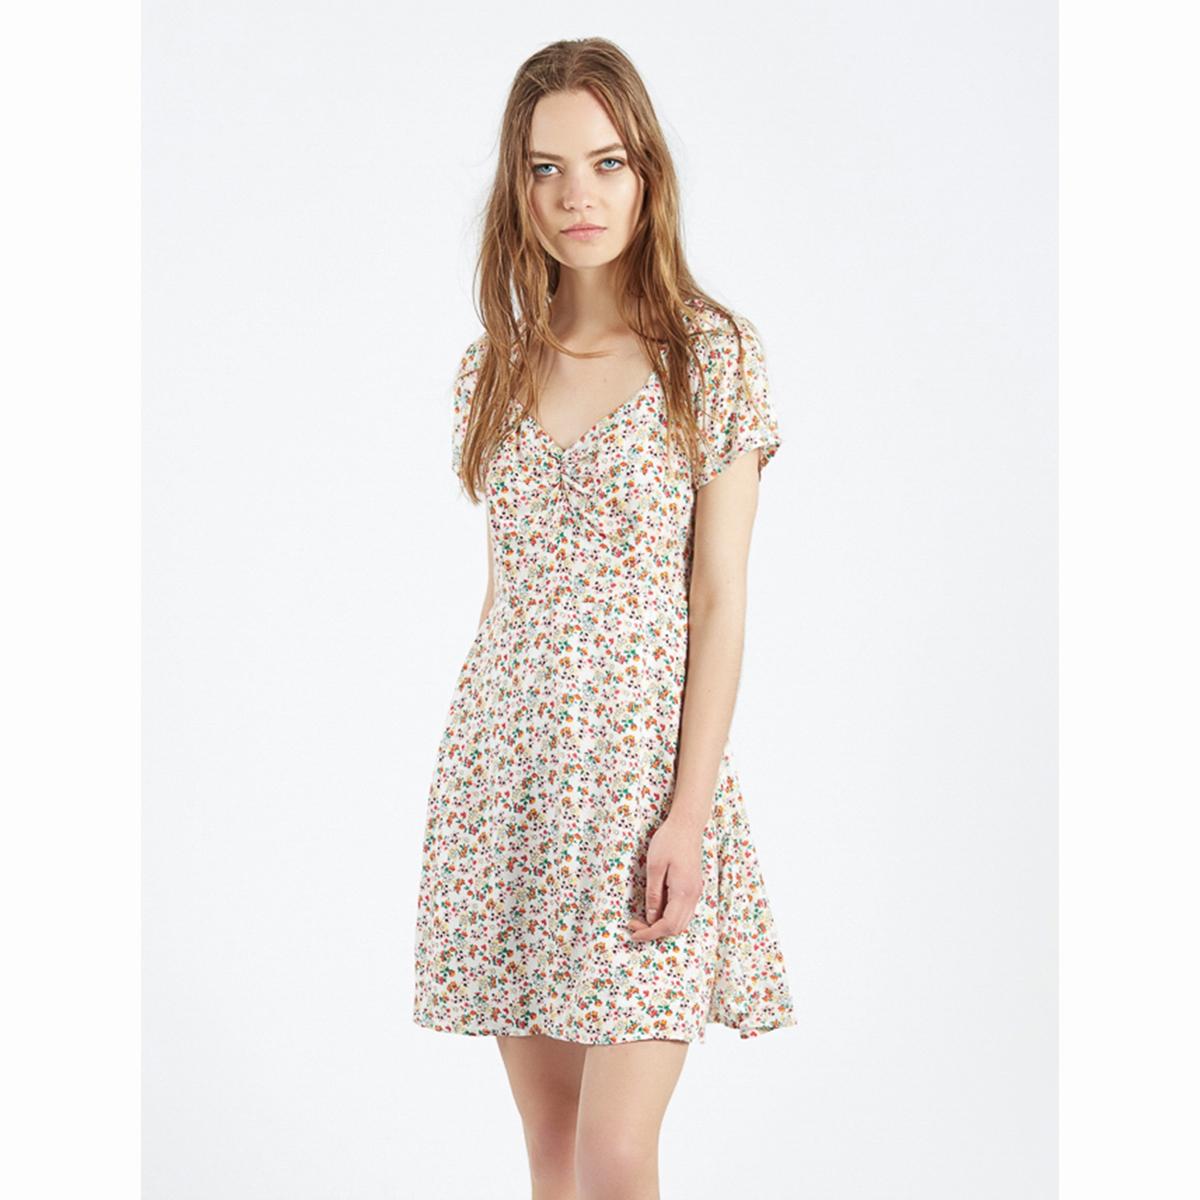 Платье с цветочным рисунком Vestido AlishaСтруящееся платье Vestido Alisha. Разноцветный цветочный узор. Короткое платье, короткие рукава, V-образный вырез, расклешенный низ.Состав и описаниеМатериалы : 100% вискозаМарка : Compania FantasticaМодель : Vestido AlishaУходСледуйте рекомендациям по уходу, указанным на этикетке изделия.<br><br>Цвет: белый наб.рисунок<br>Размер: S.M